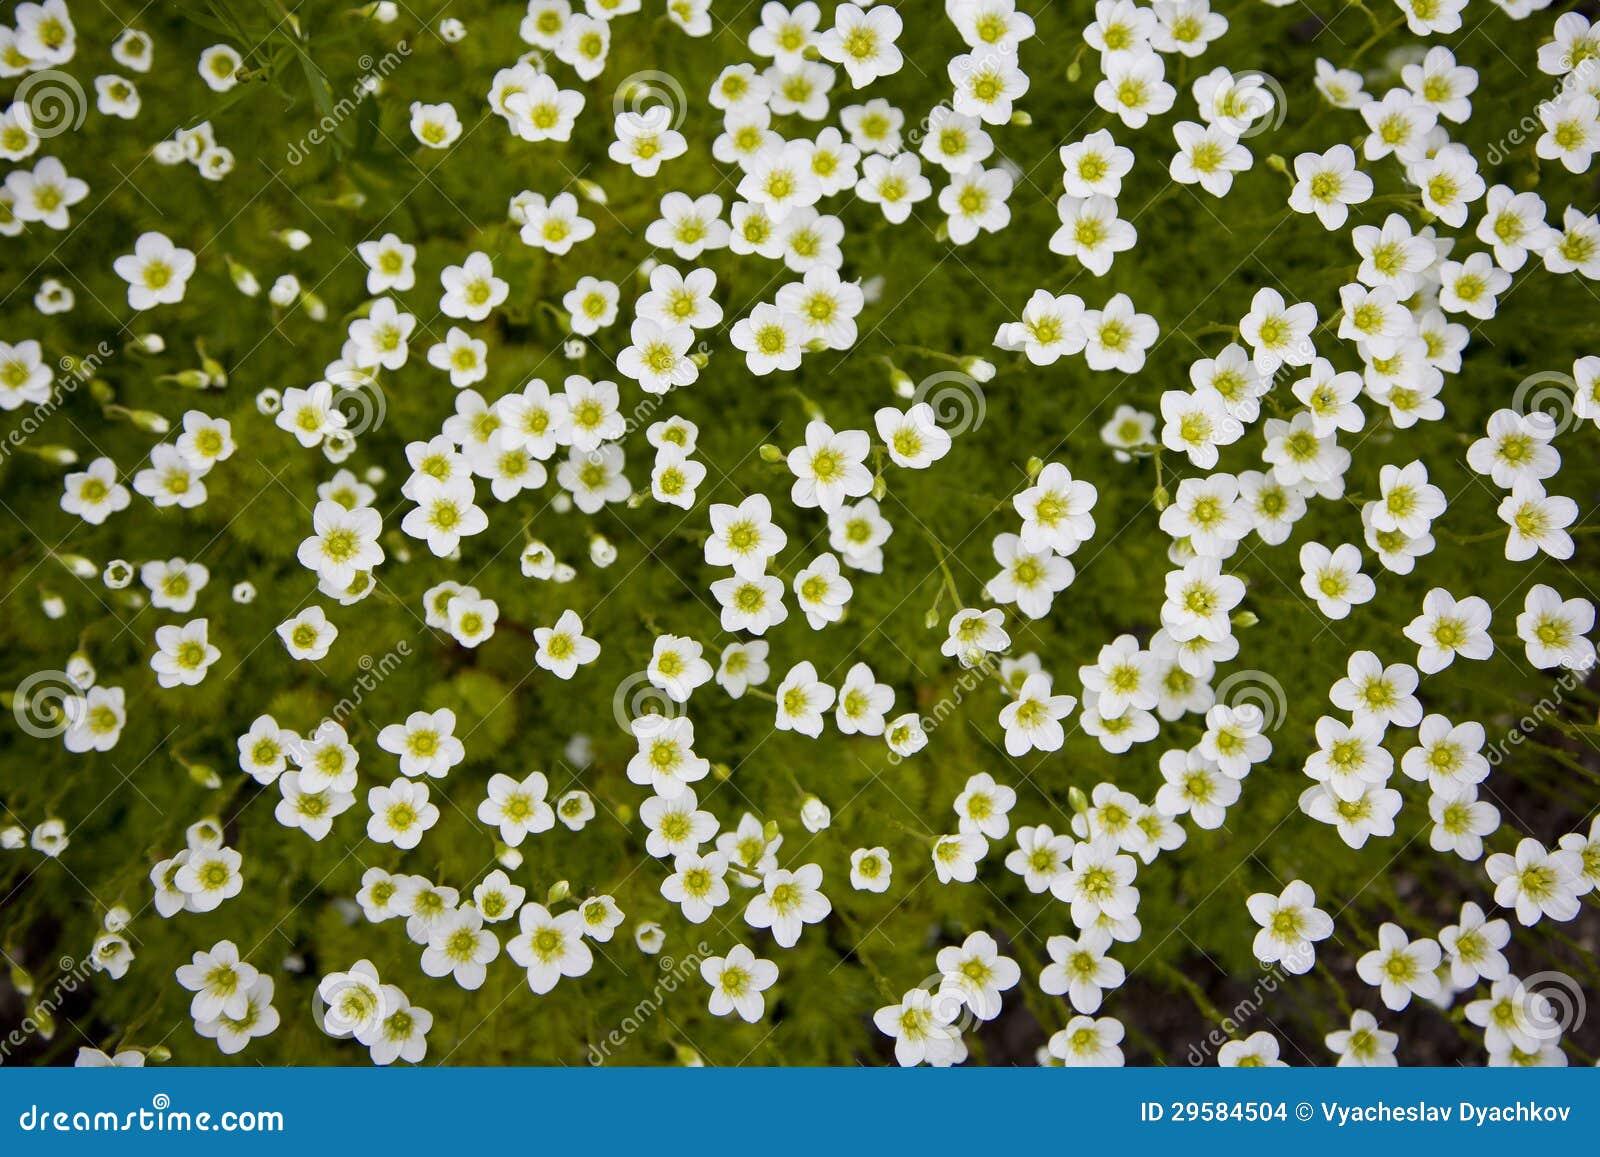 Il tappeto di piccoli fiori bianchi immagini stock for Fiori piccoli bianchi